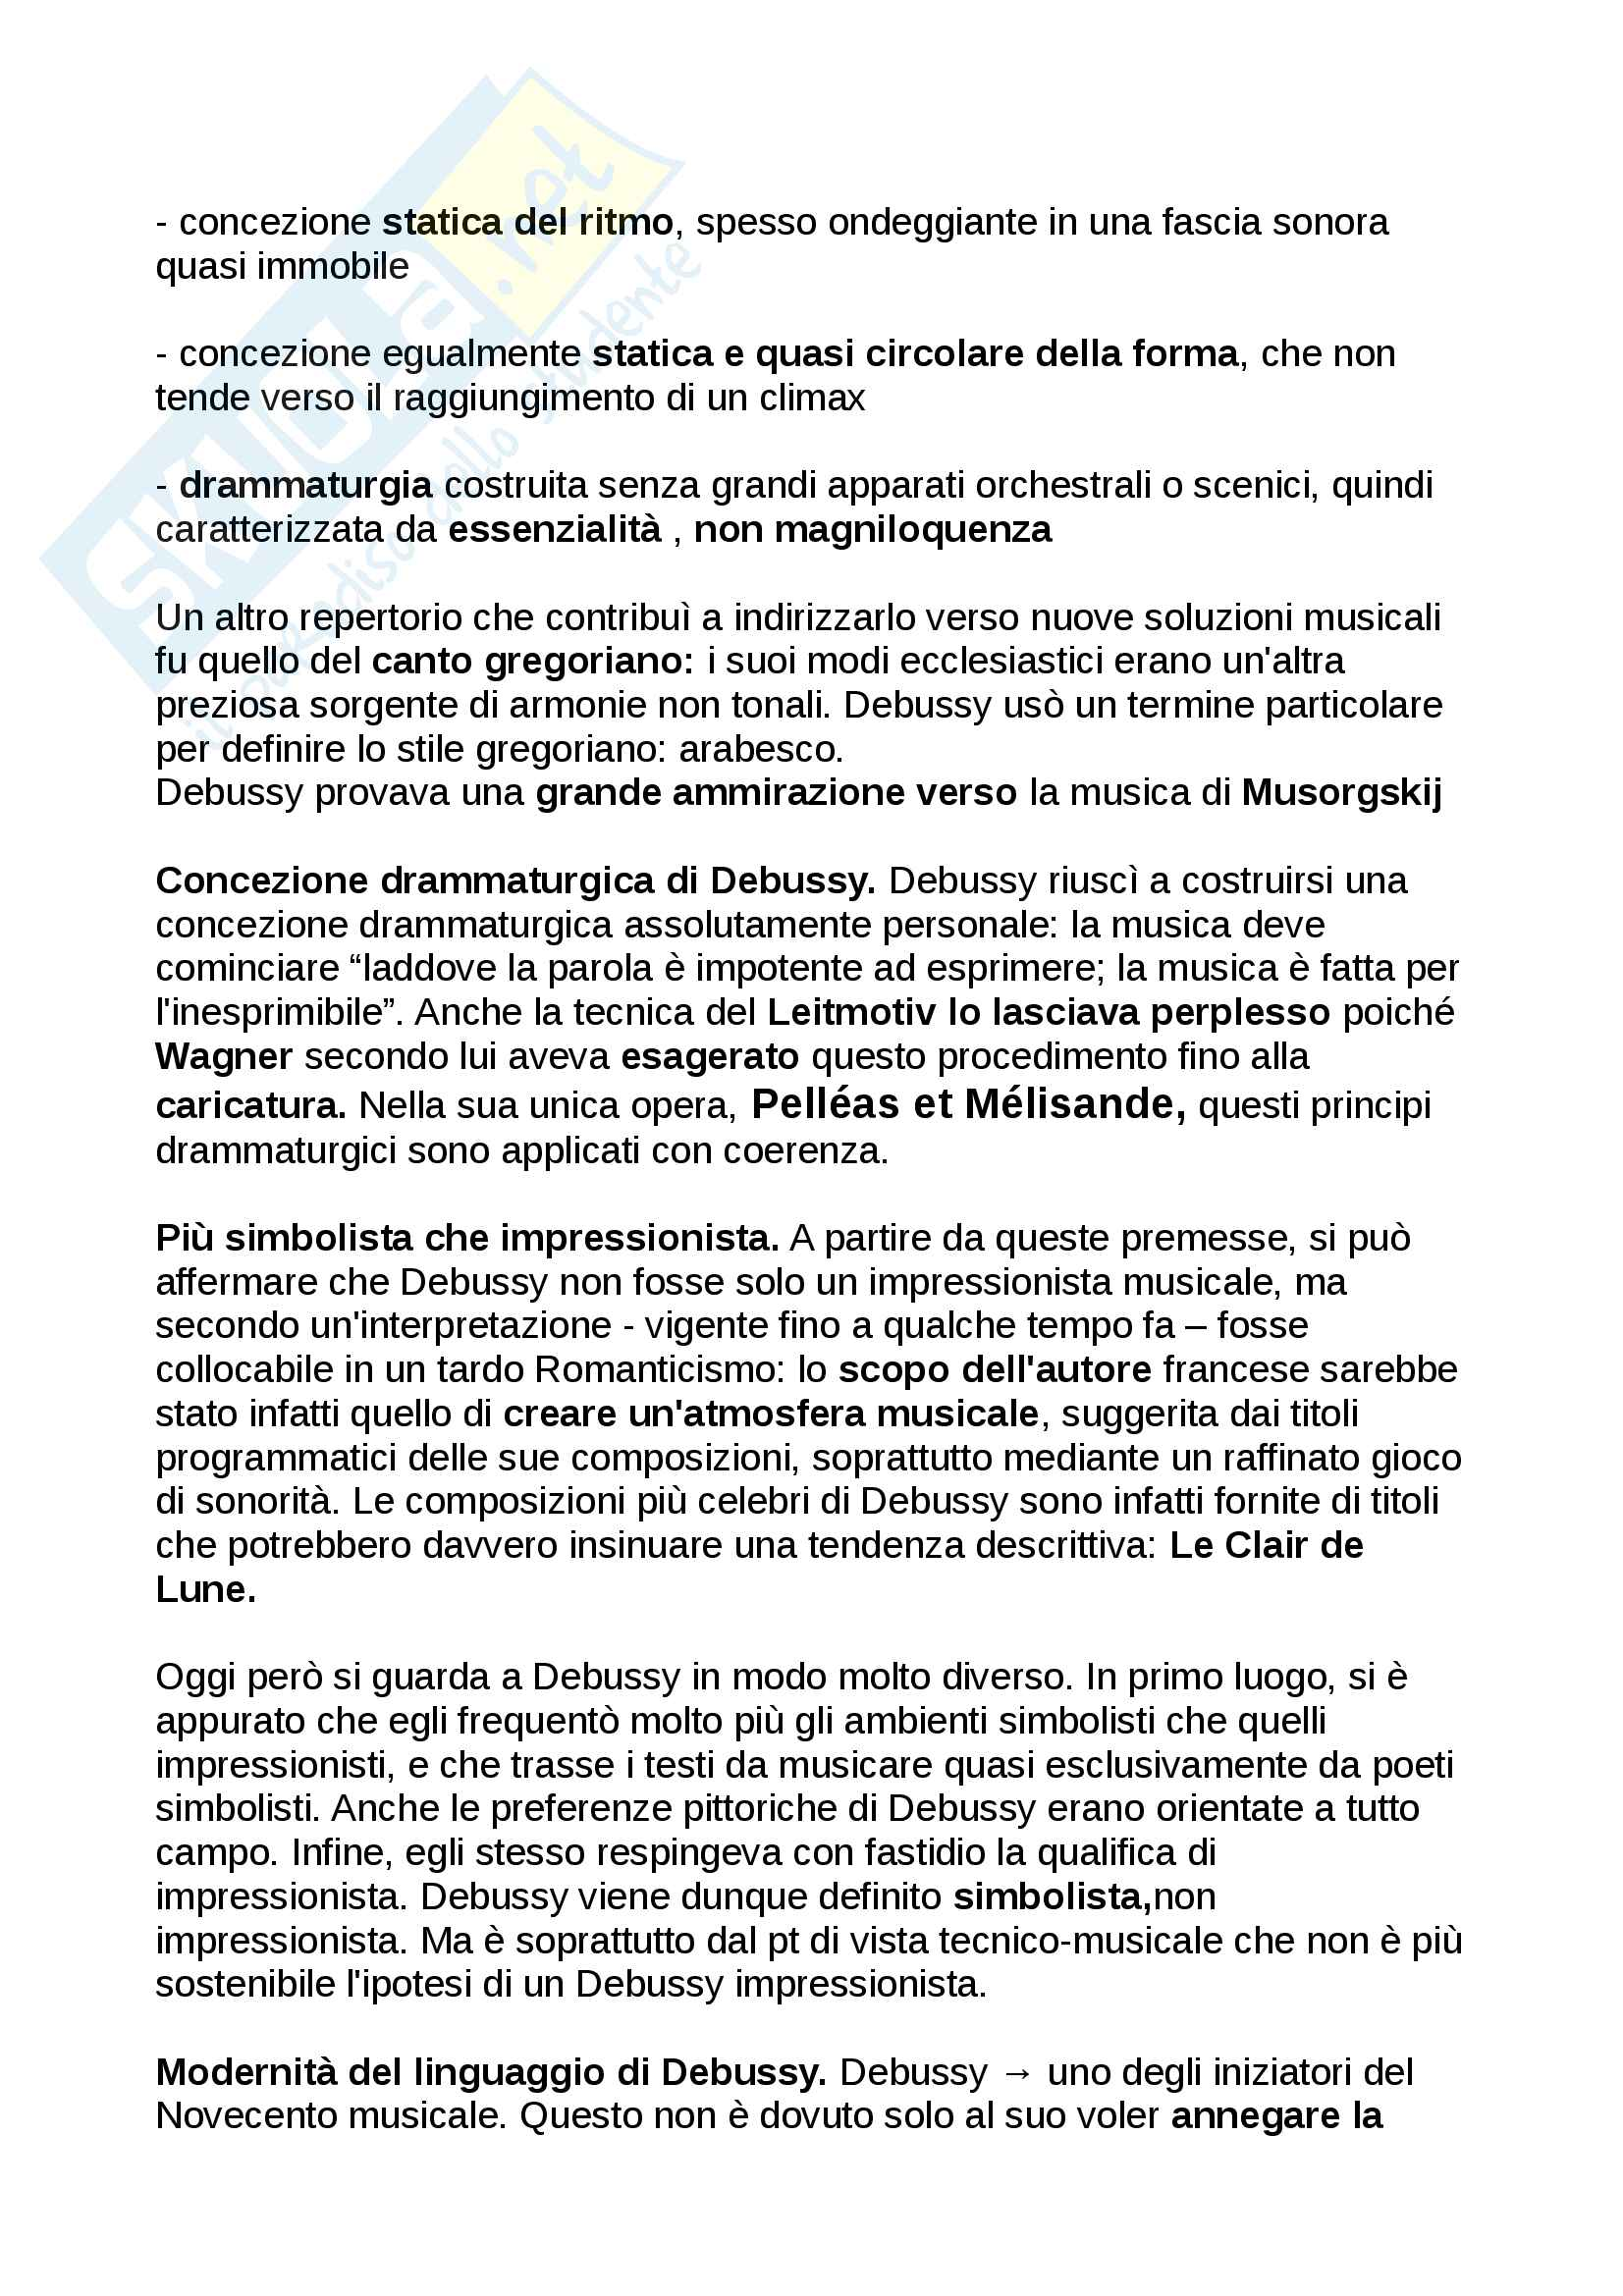 Riassunto Storia della musica moderna e contemporanea, libro consigliato: Manuale Carrozzo, Cimagalli - il 1900 Pag. 2